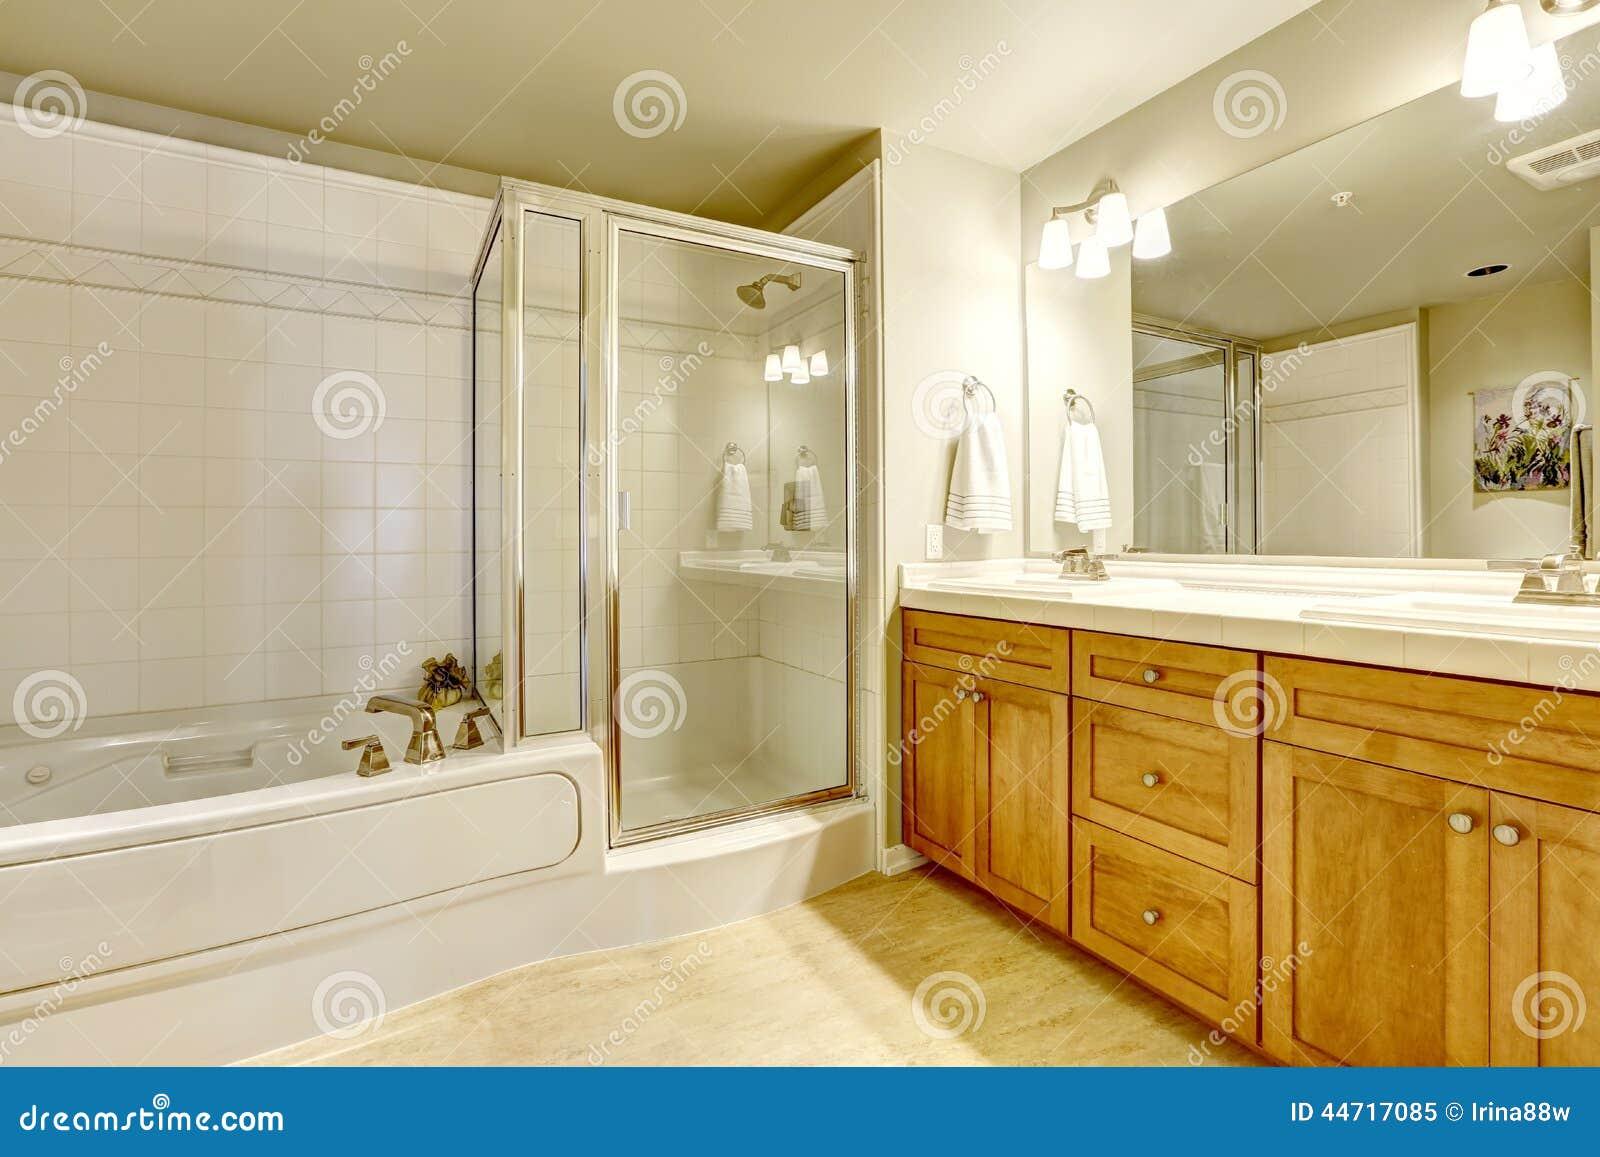 Banheiro Espaçoso Com Banheira E Chuveiro Foto de Stock Imagem  #803E0C 1300 957